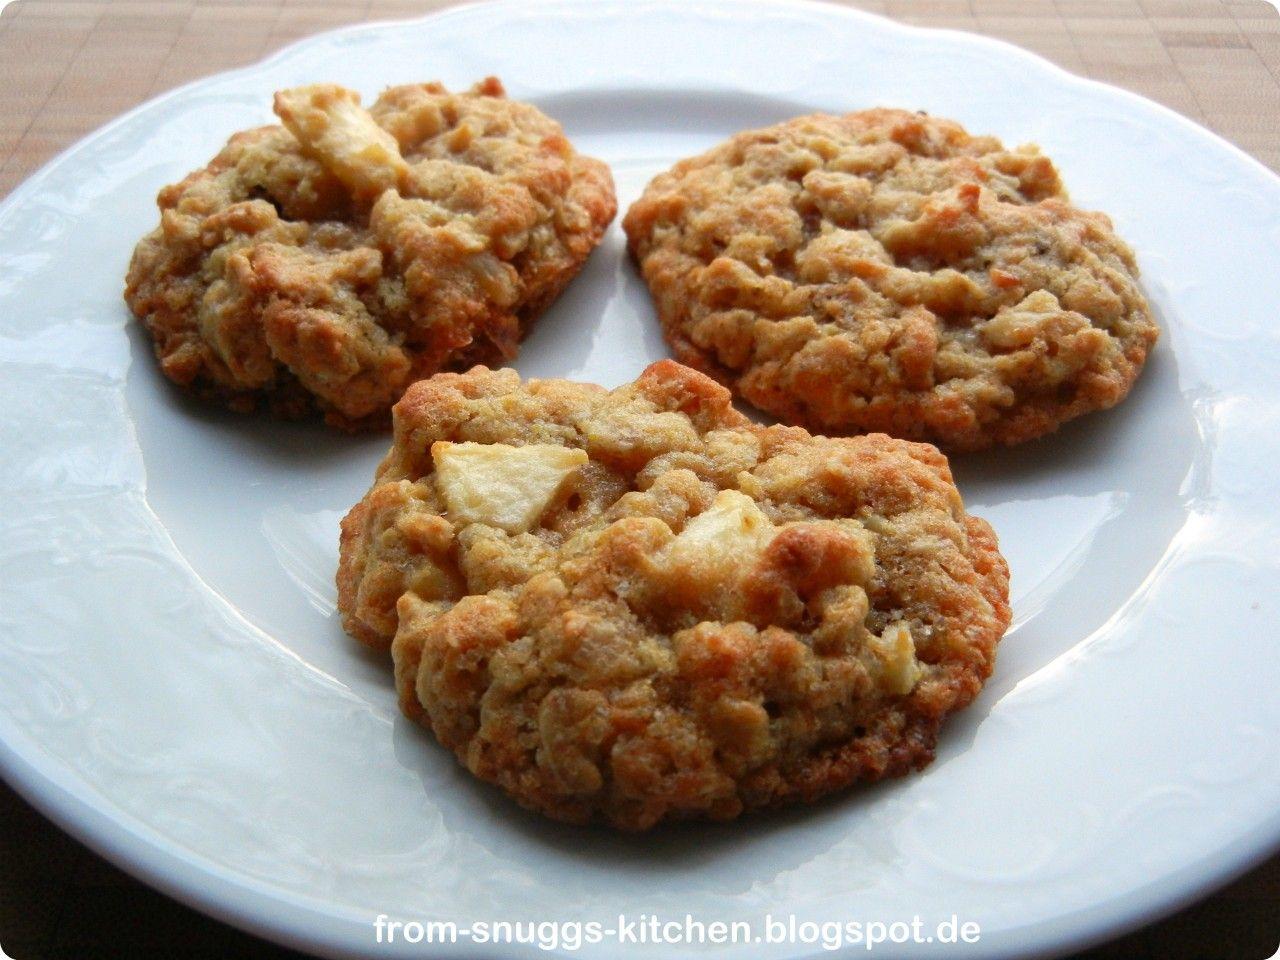 From-Snuggs-Kitchen ... mit Liebe handgemacht: Apfel-Haferflocken-Cookies